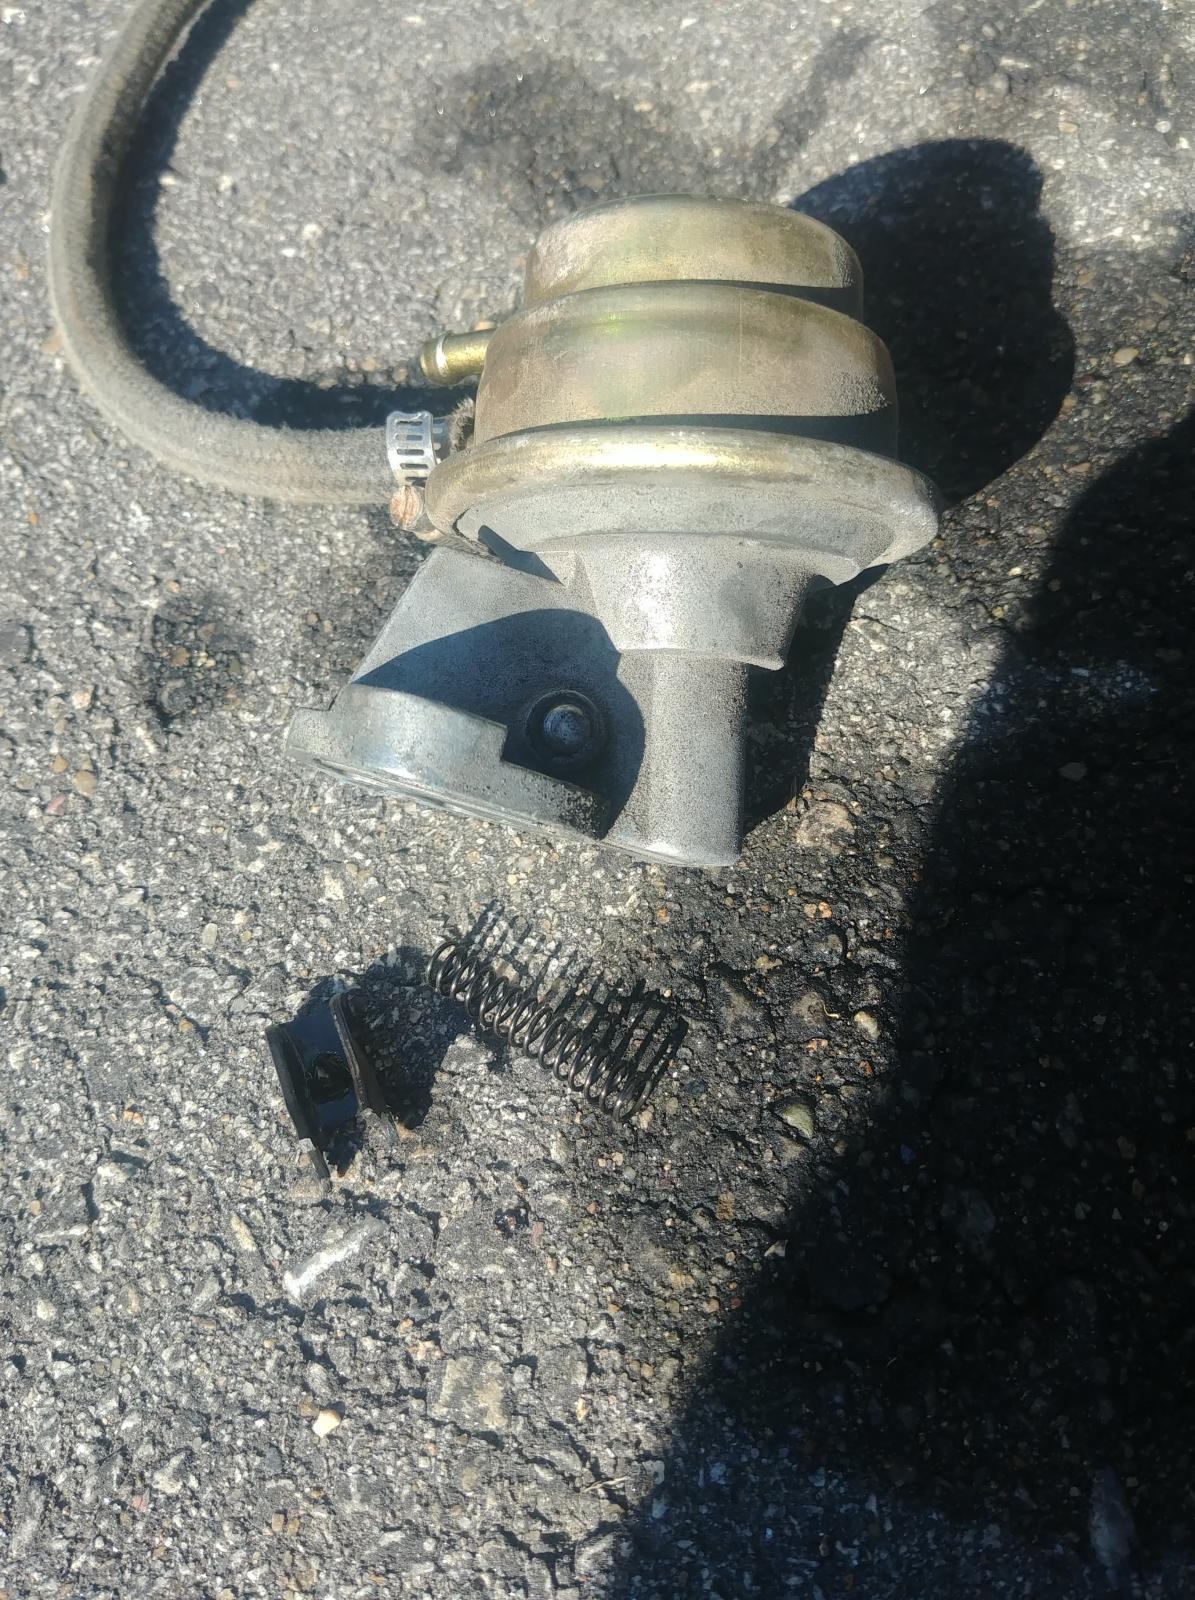 Fuel pump junk